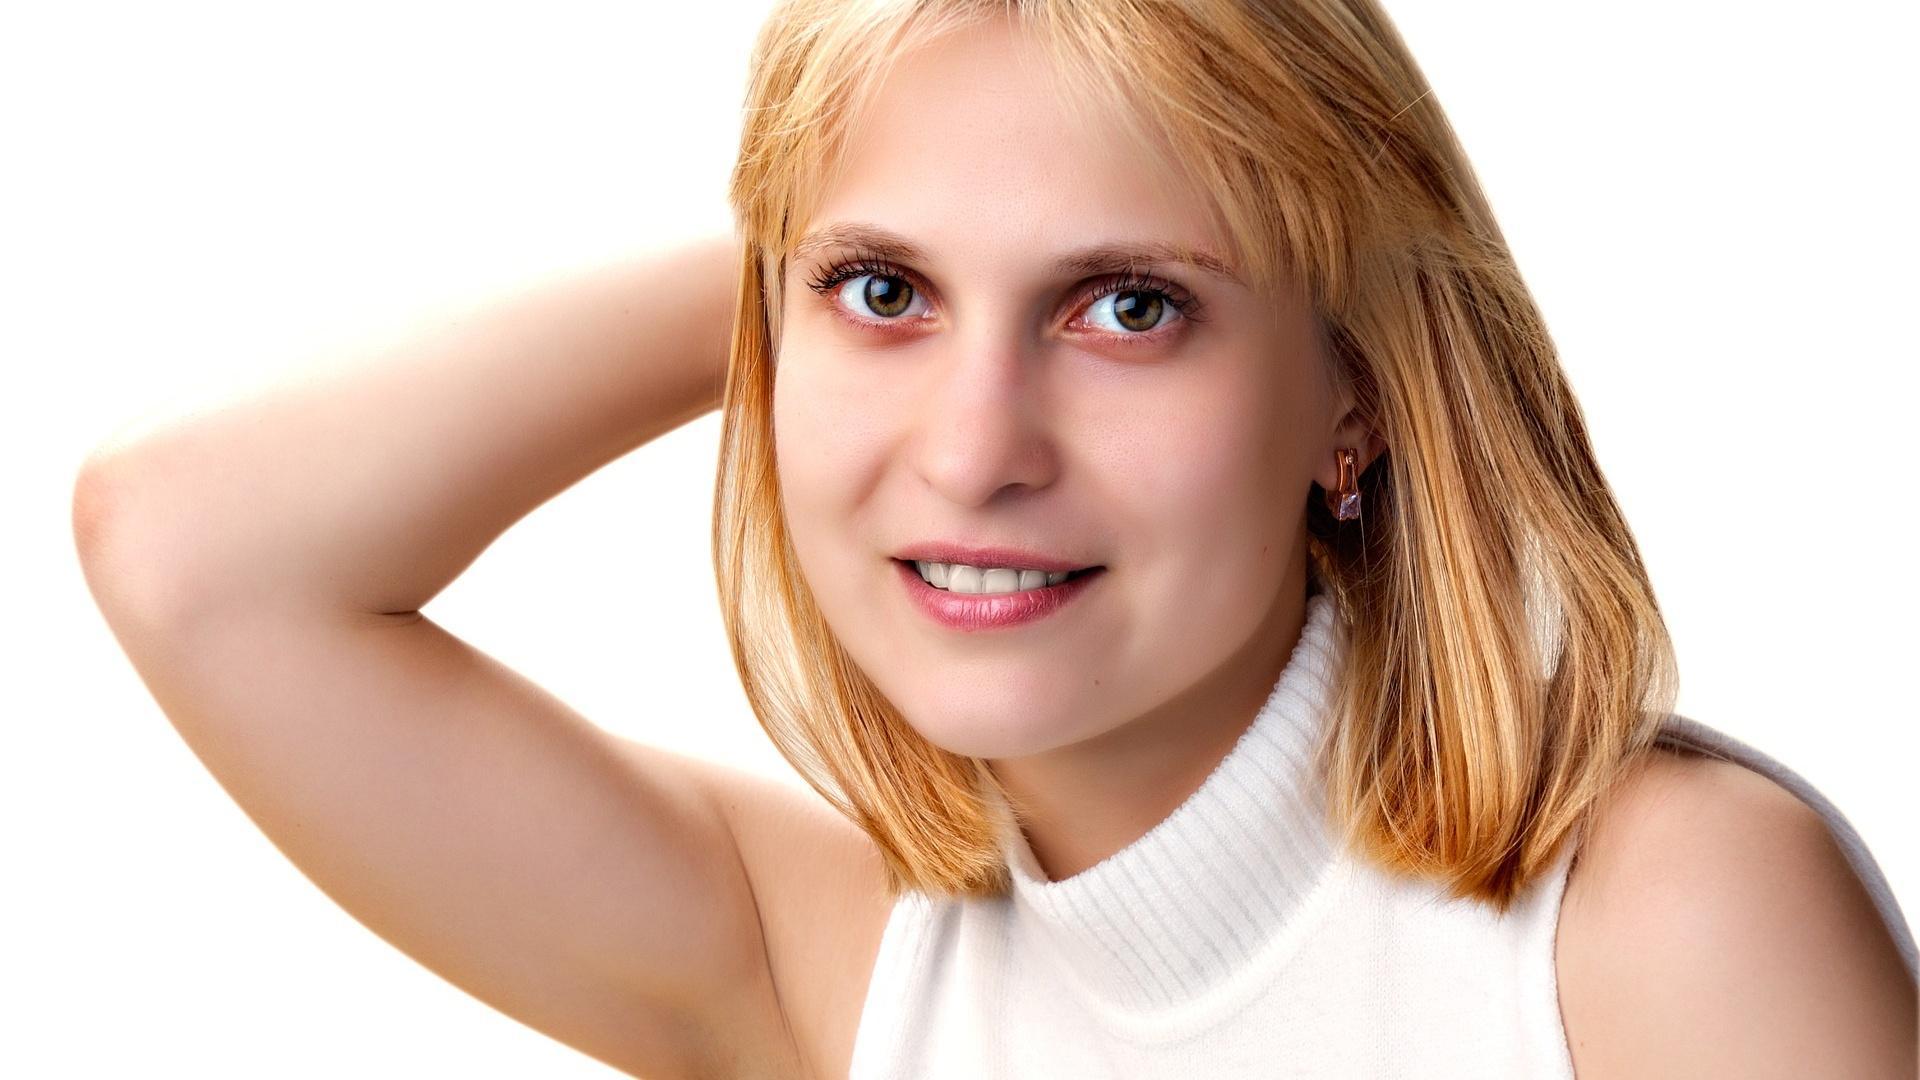 Kurzhaarfrisur für ein rundes Gesicht: Die Stirnpartie sollte möglichst frei bleiben.